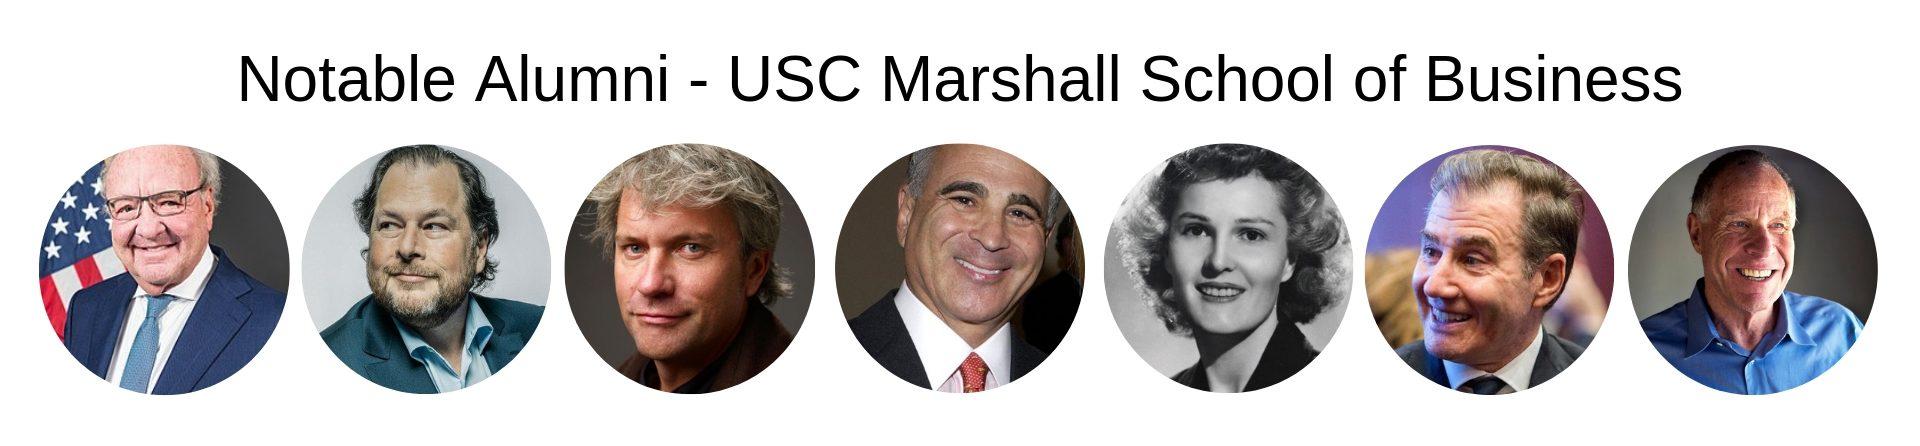 USC Marshall School of Business - USC MBA Program - Notable Alumni